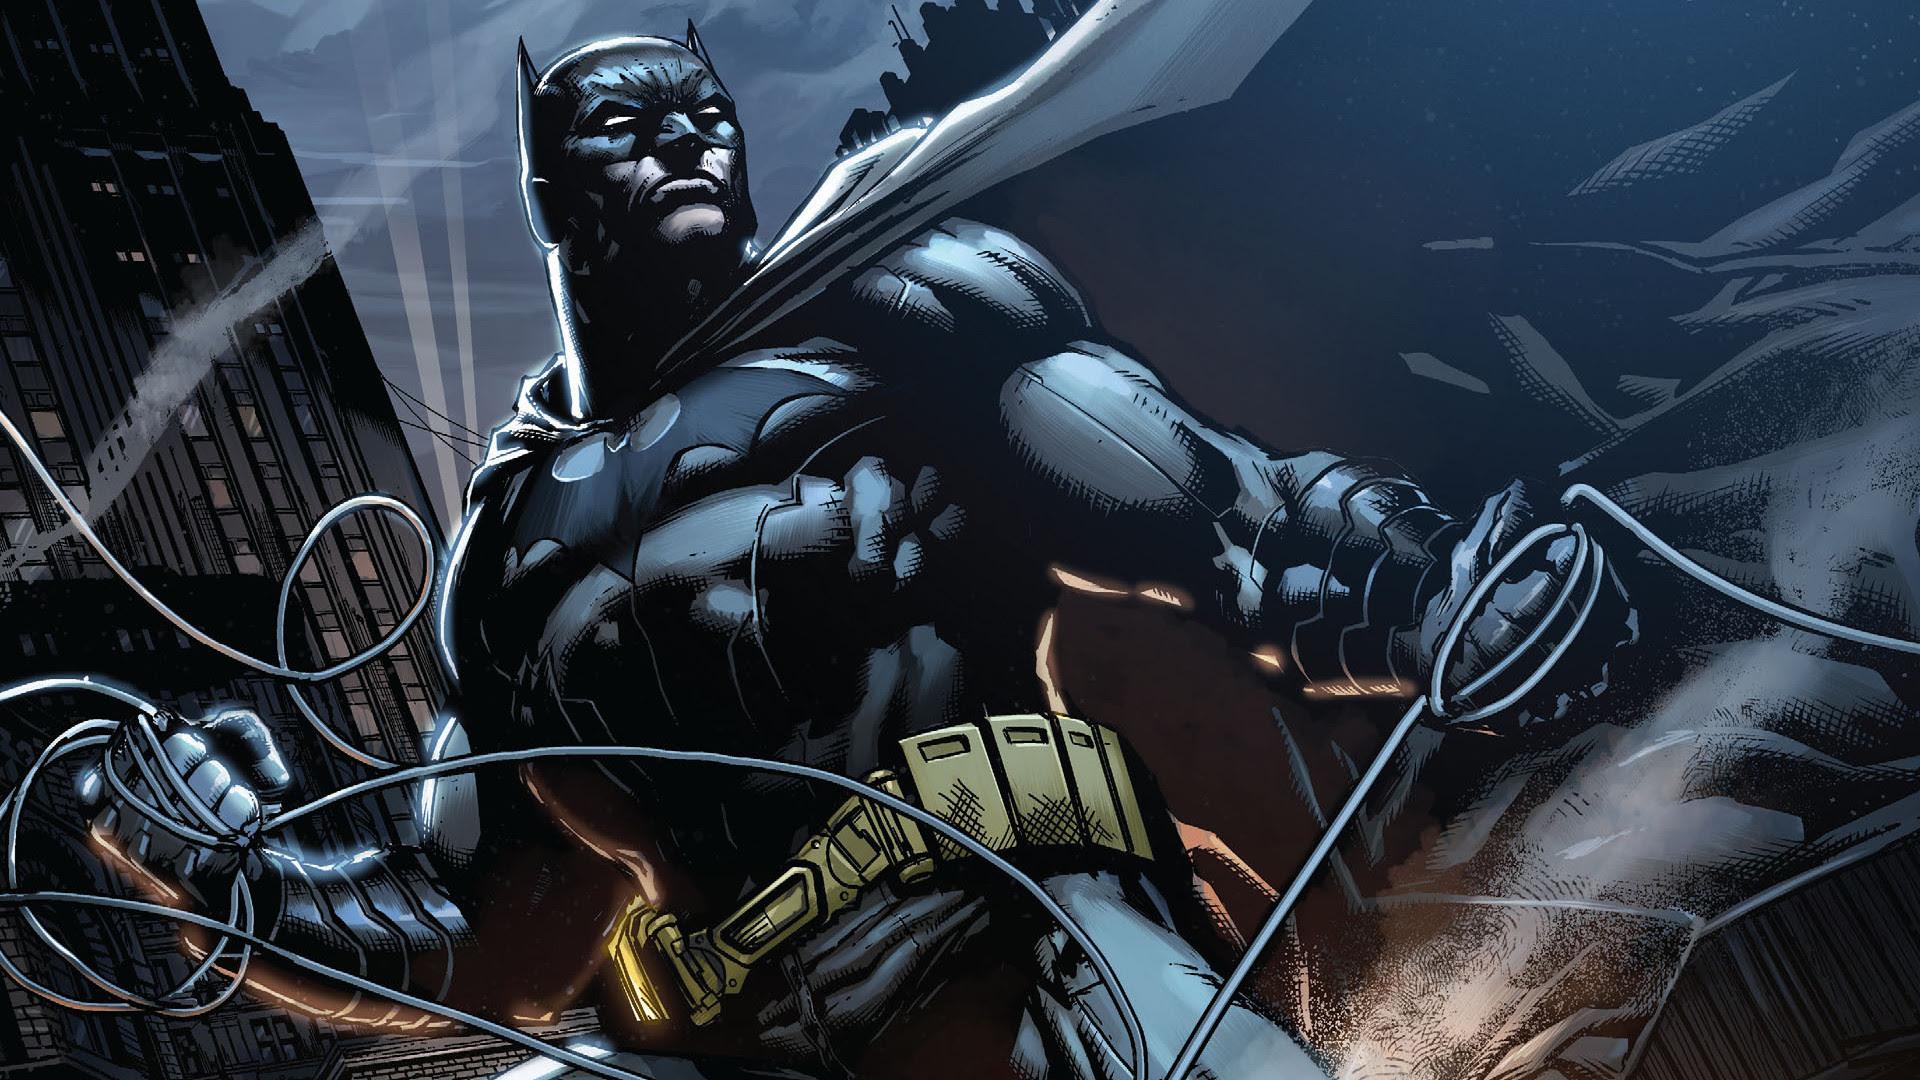 Batman New 52 Wallpaper 72 Images